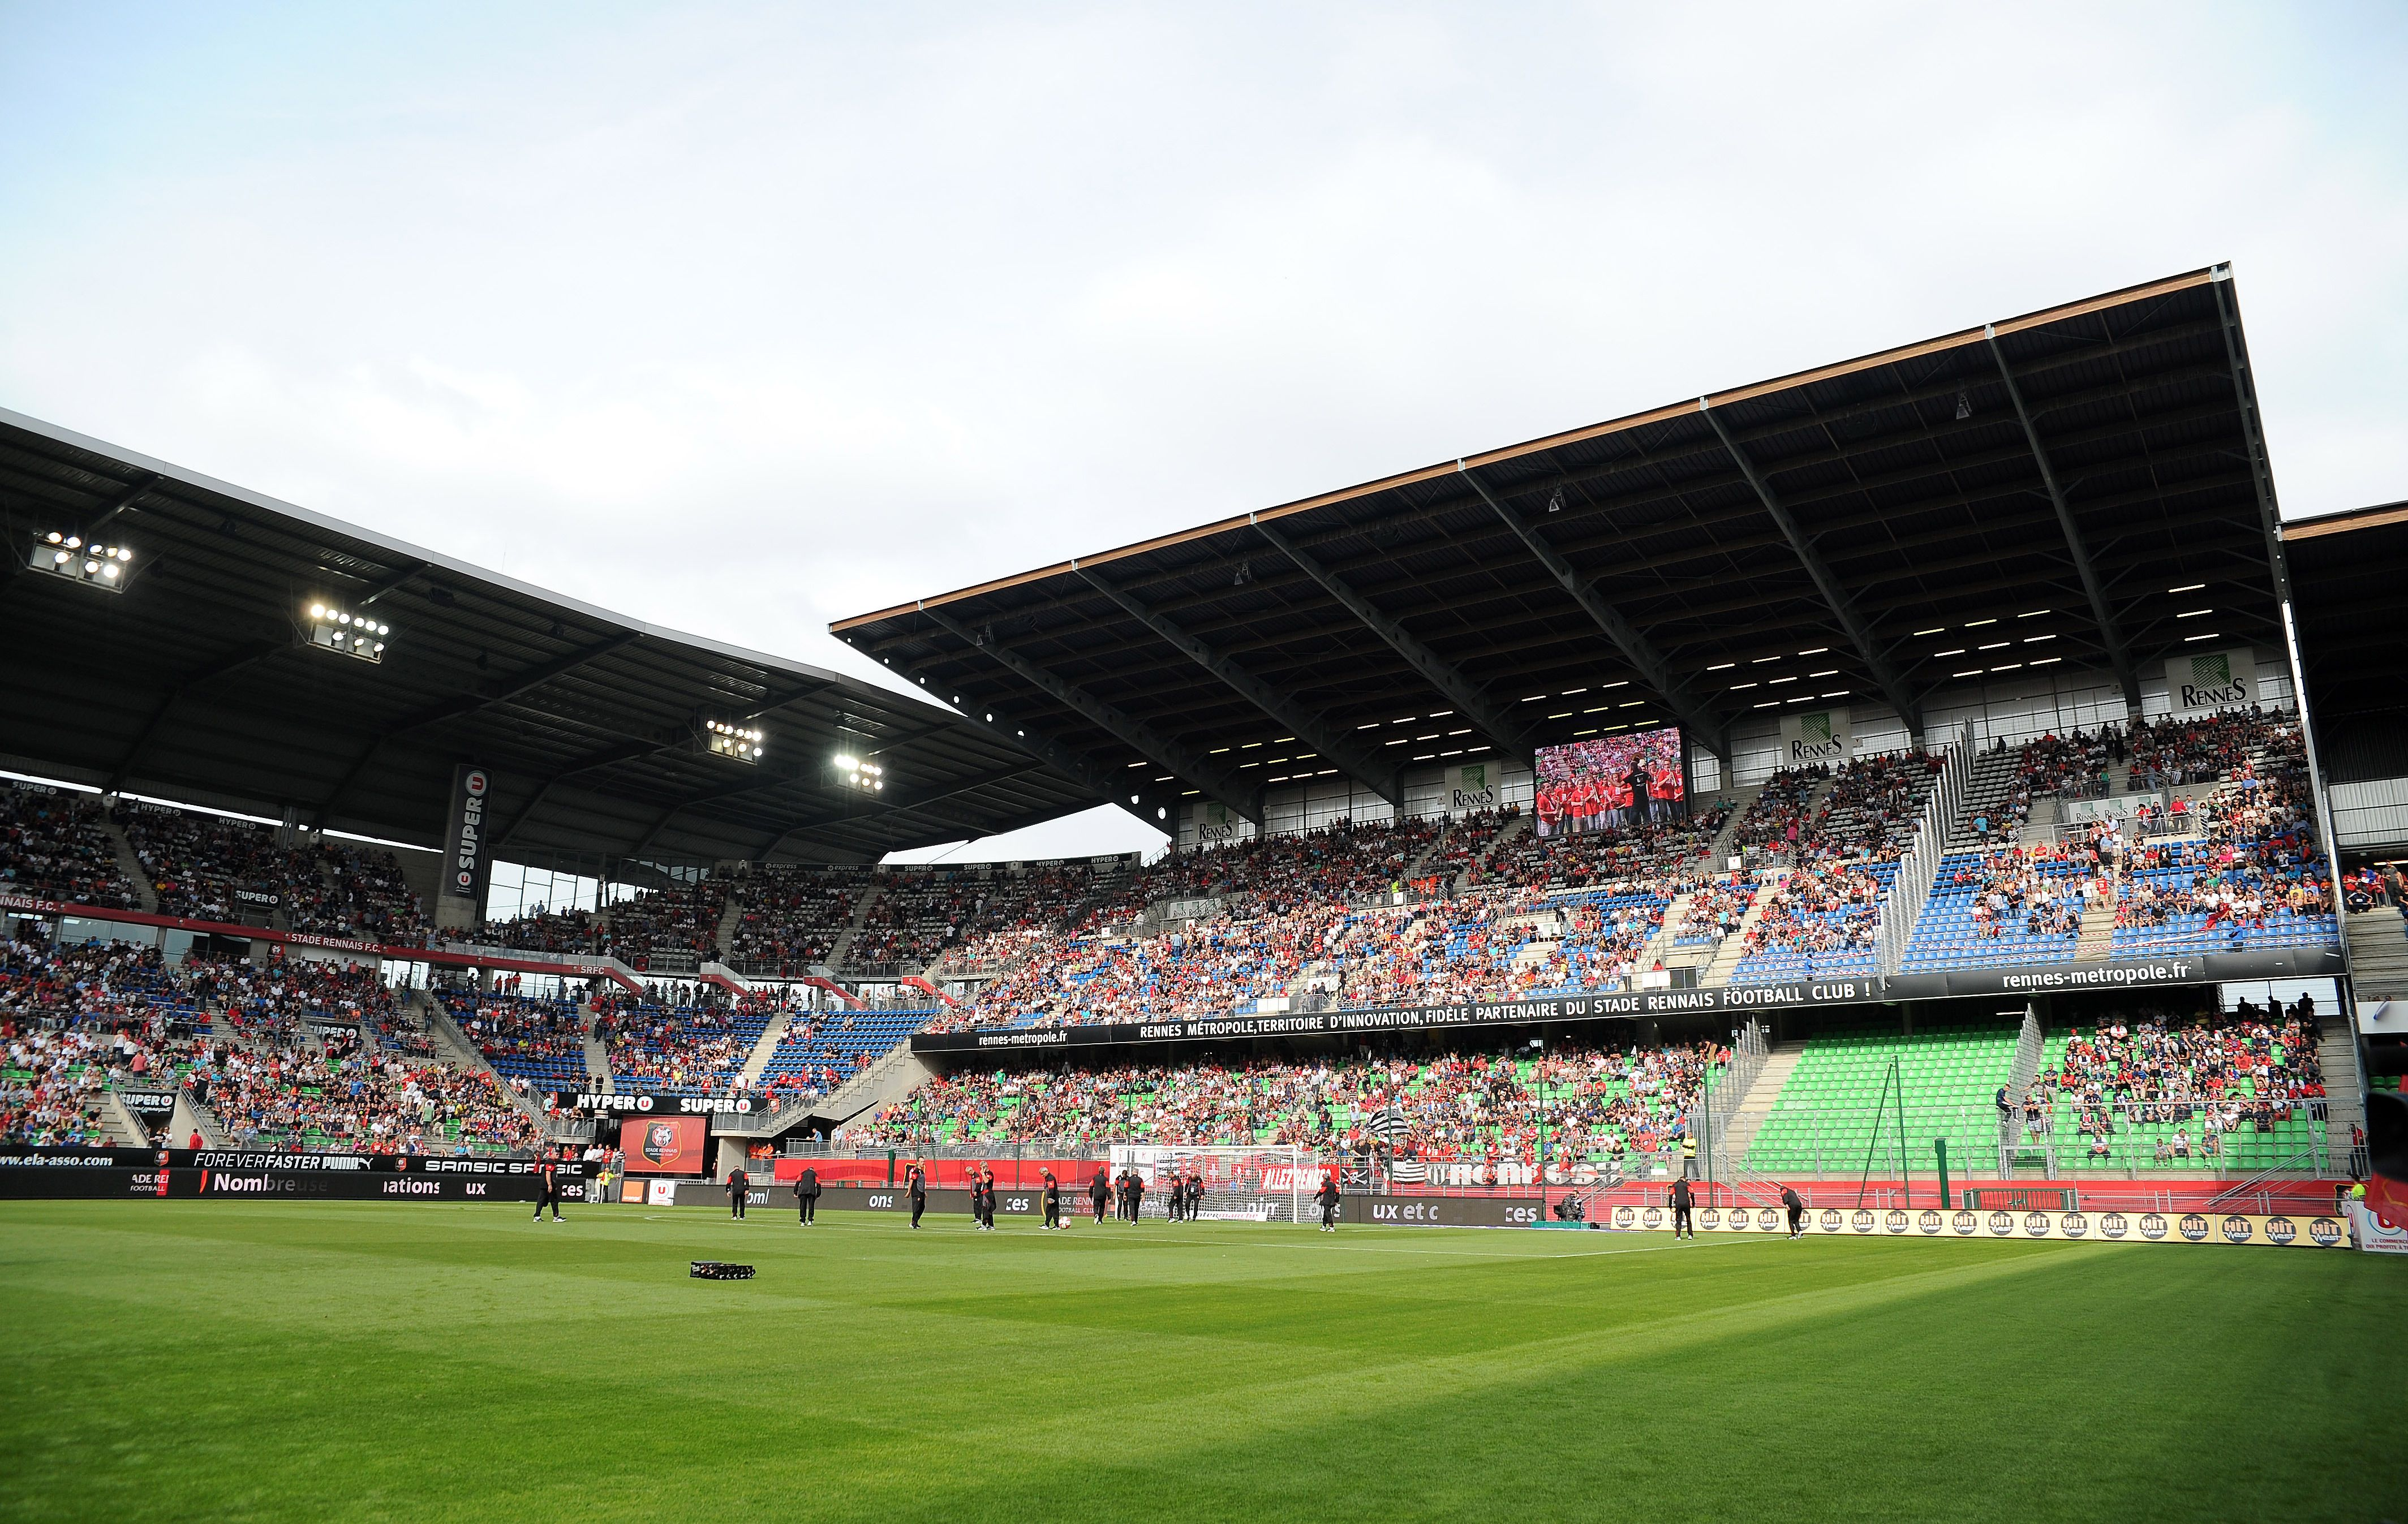 Rennais le roazhon park nomm stade de la route de lorient jusqu 39 en 2015 est un stade de - La route du meuble rennes ...